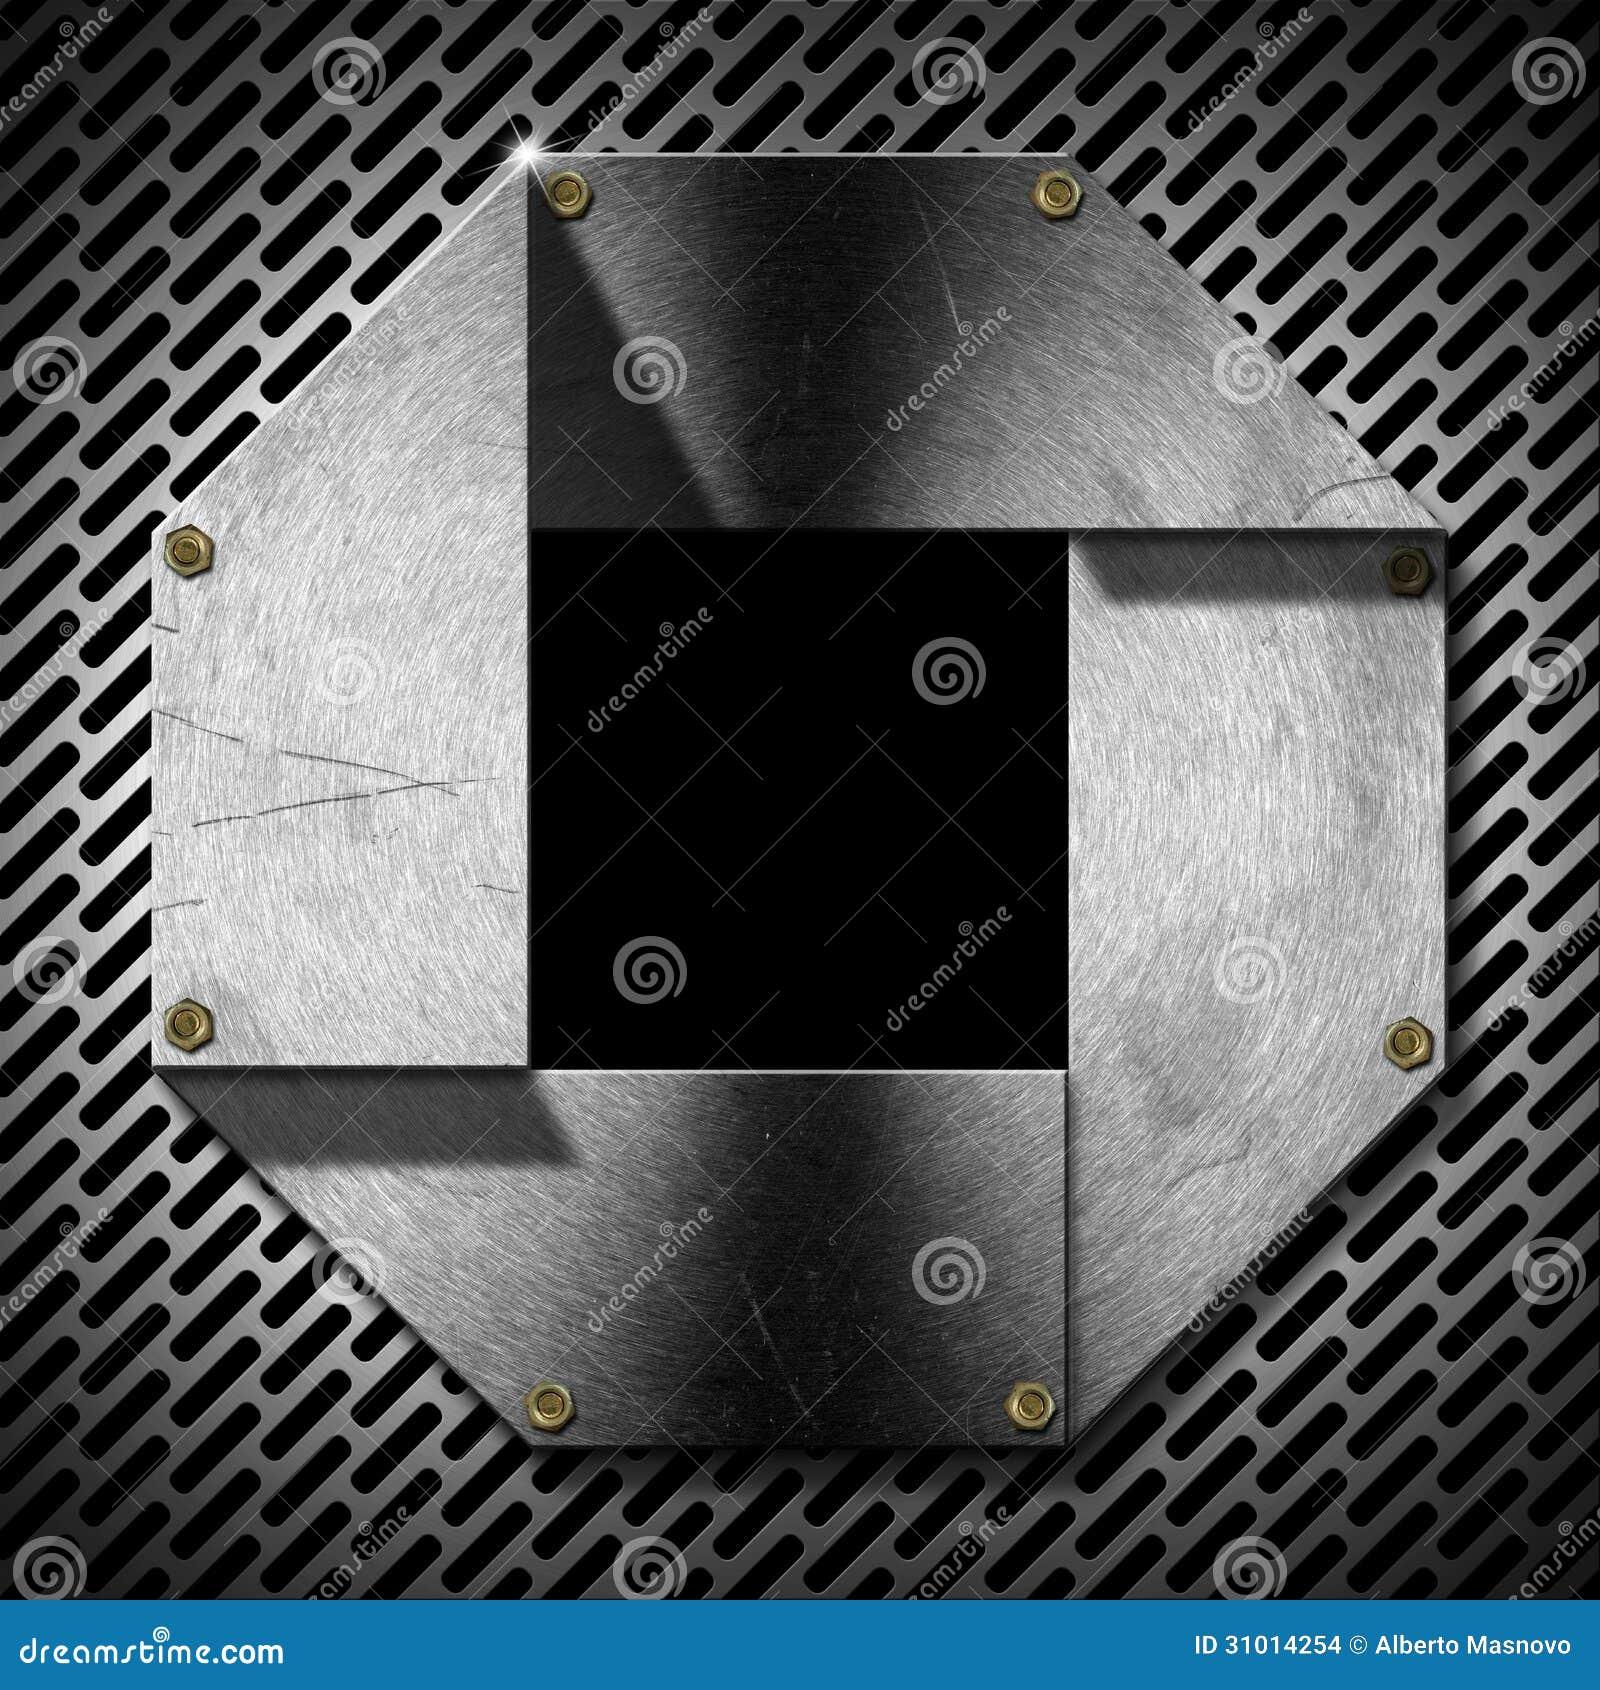 Hexagonal Grunge Metal Porthole Stock Images - Image: 31014254